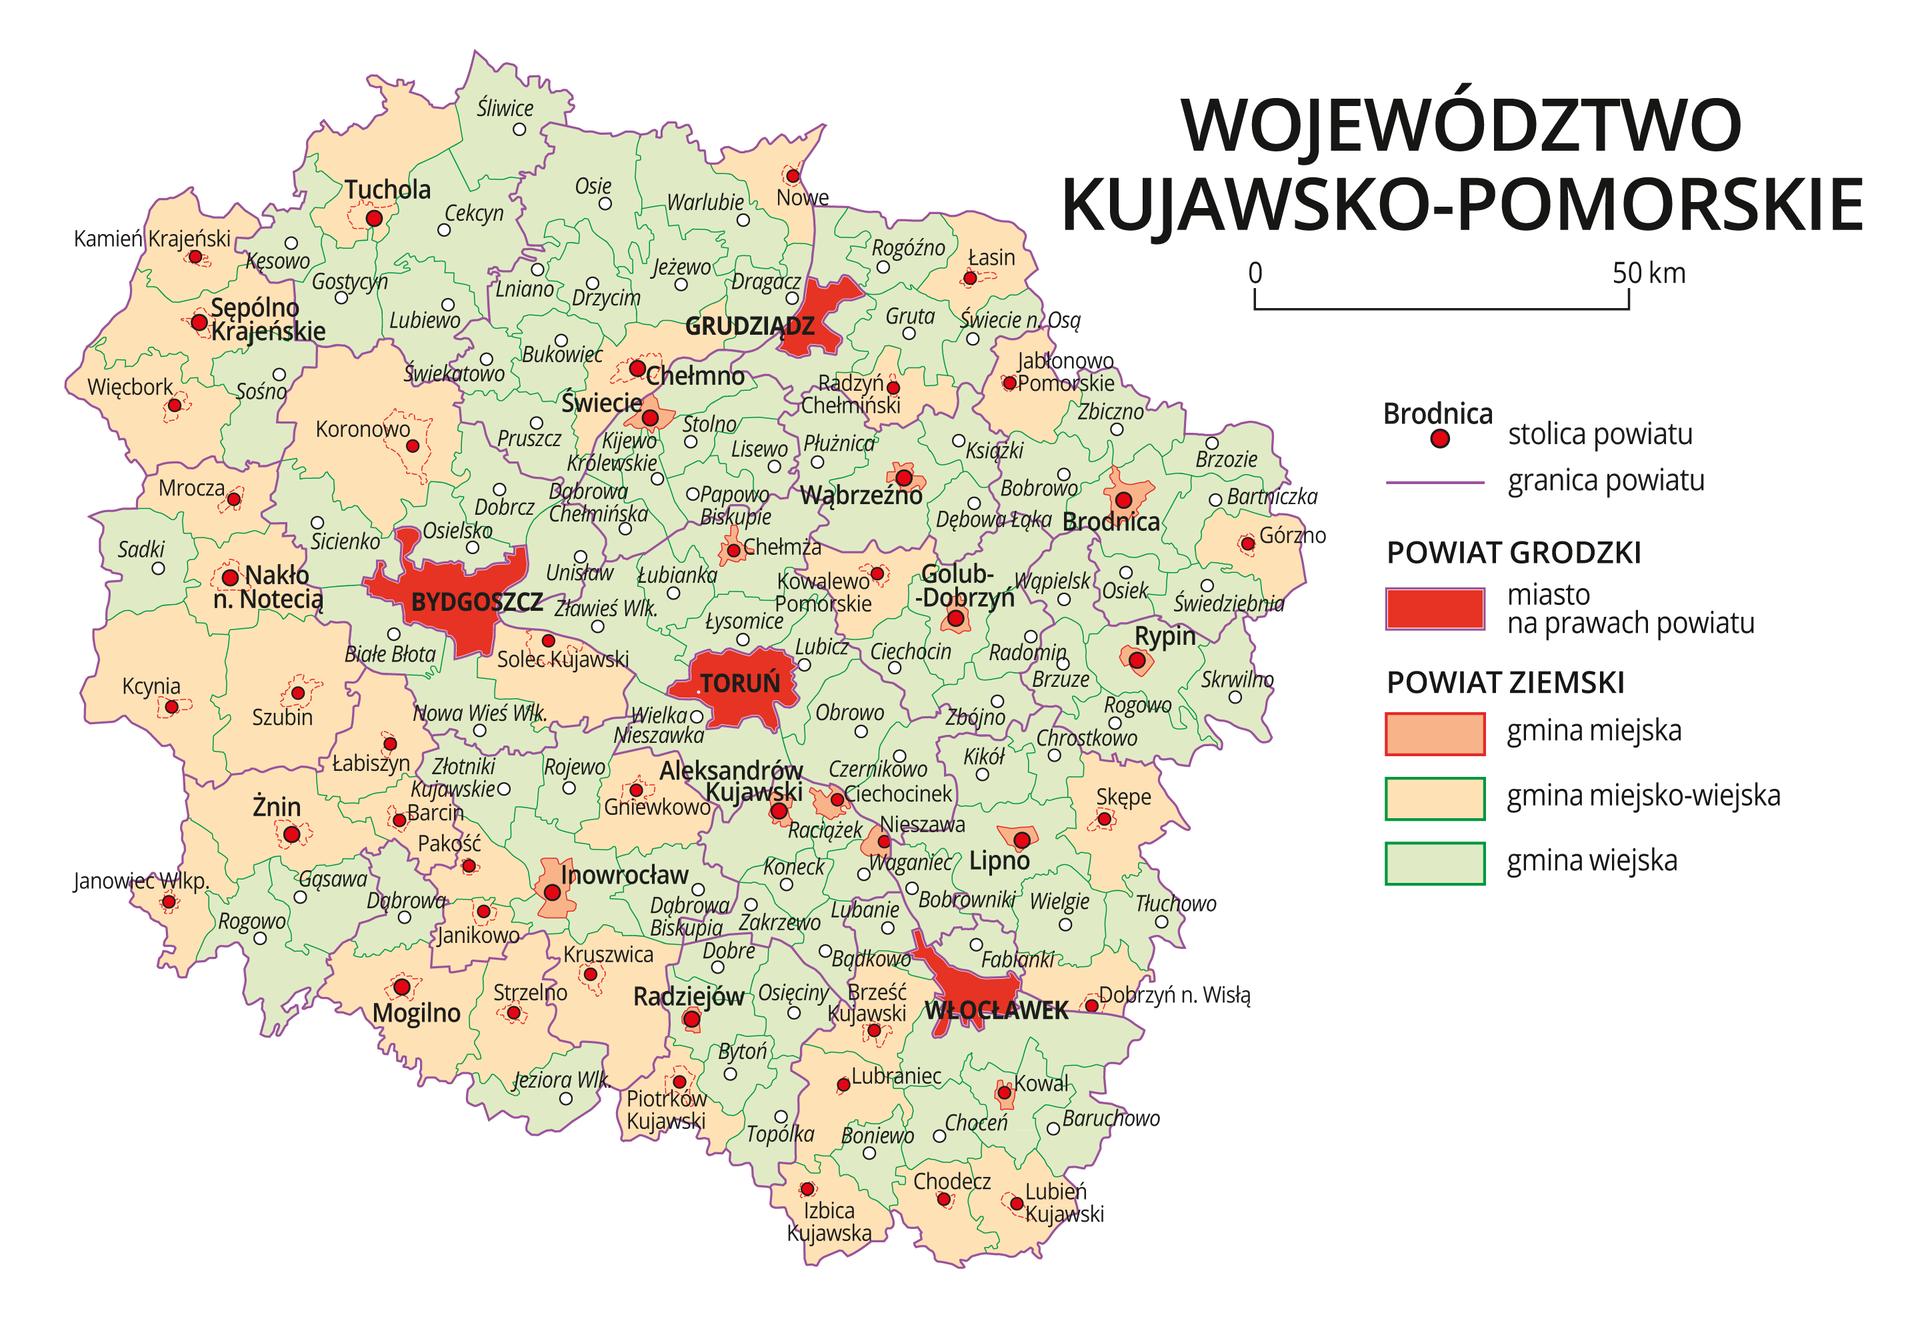 Mapa województwa kujawsko-pomorskiego. Na mapie fioletowymi liniami zaznaczono granice powiatów ziemskich, dużymi czerwonymi kropkami zaznaczono miasta będące stolicami powiatów. Wobrębie powiatów ziemskich kolorami wyróżniono gminy miejskie, miejsko-wiejskie iwiejskie. Czerwonym kolorem wyróżniono powiaty grodzkie zmiastami na prawach powiatu, miasta te opisano dużymi literami. Kolory iznaki użyte na mapie opisano wlegendzie. Wlegendzie podziałka liniowa.